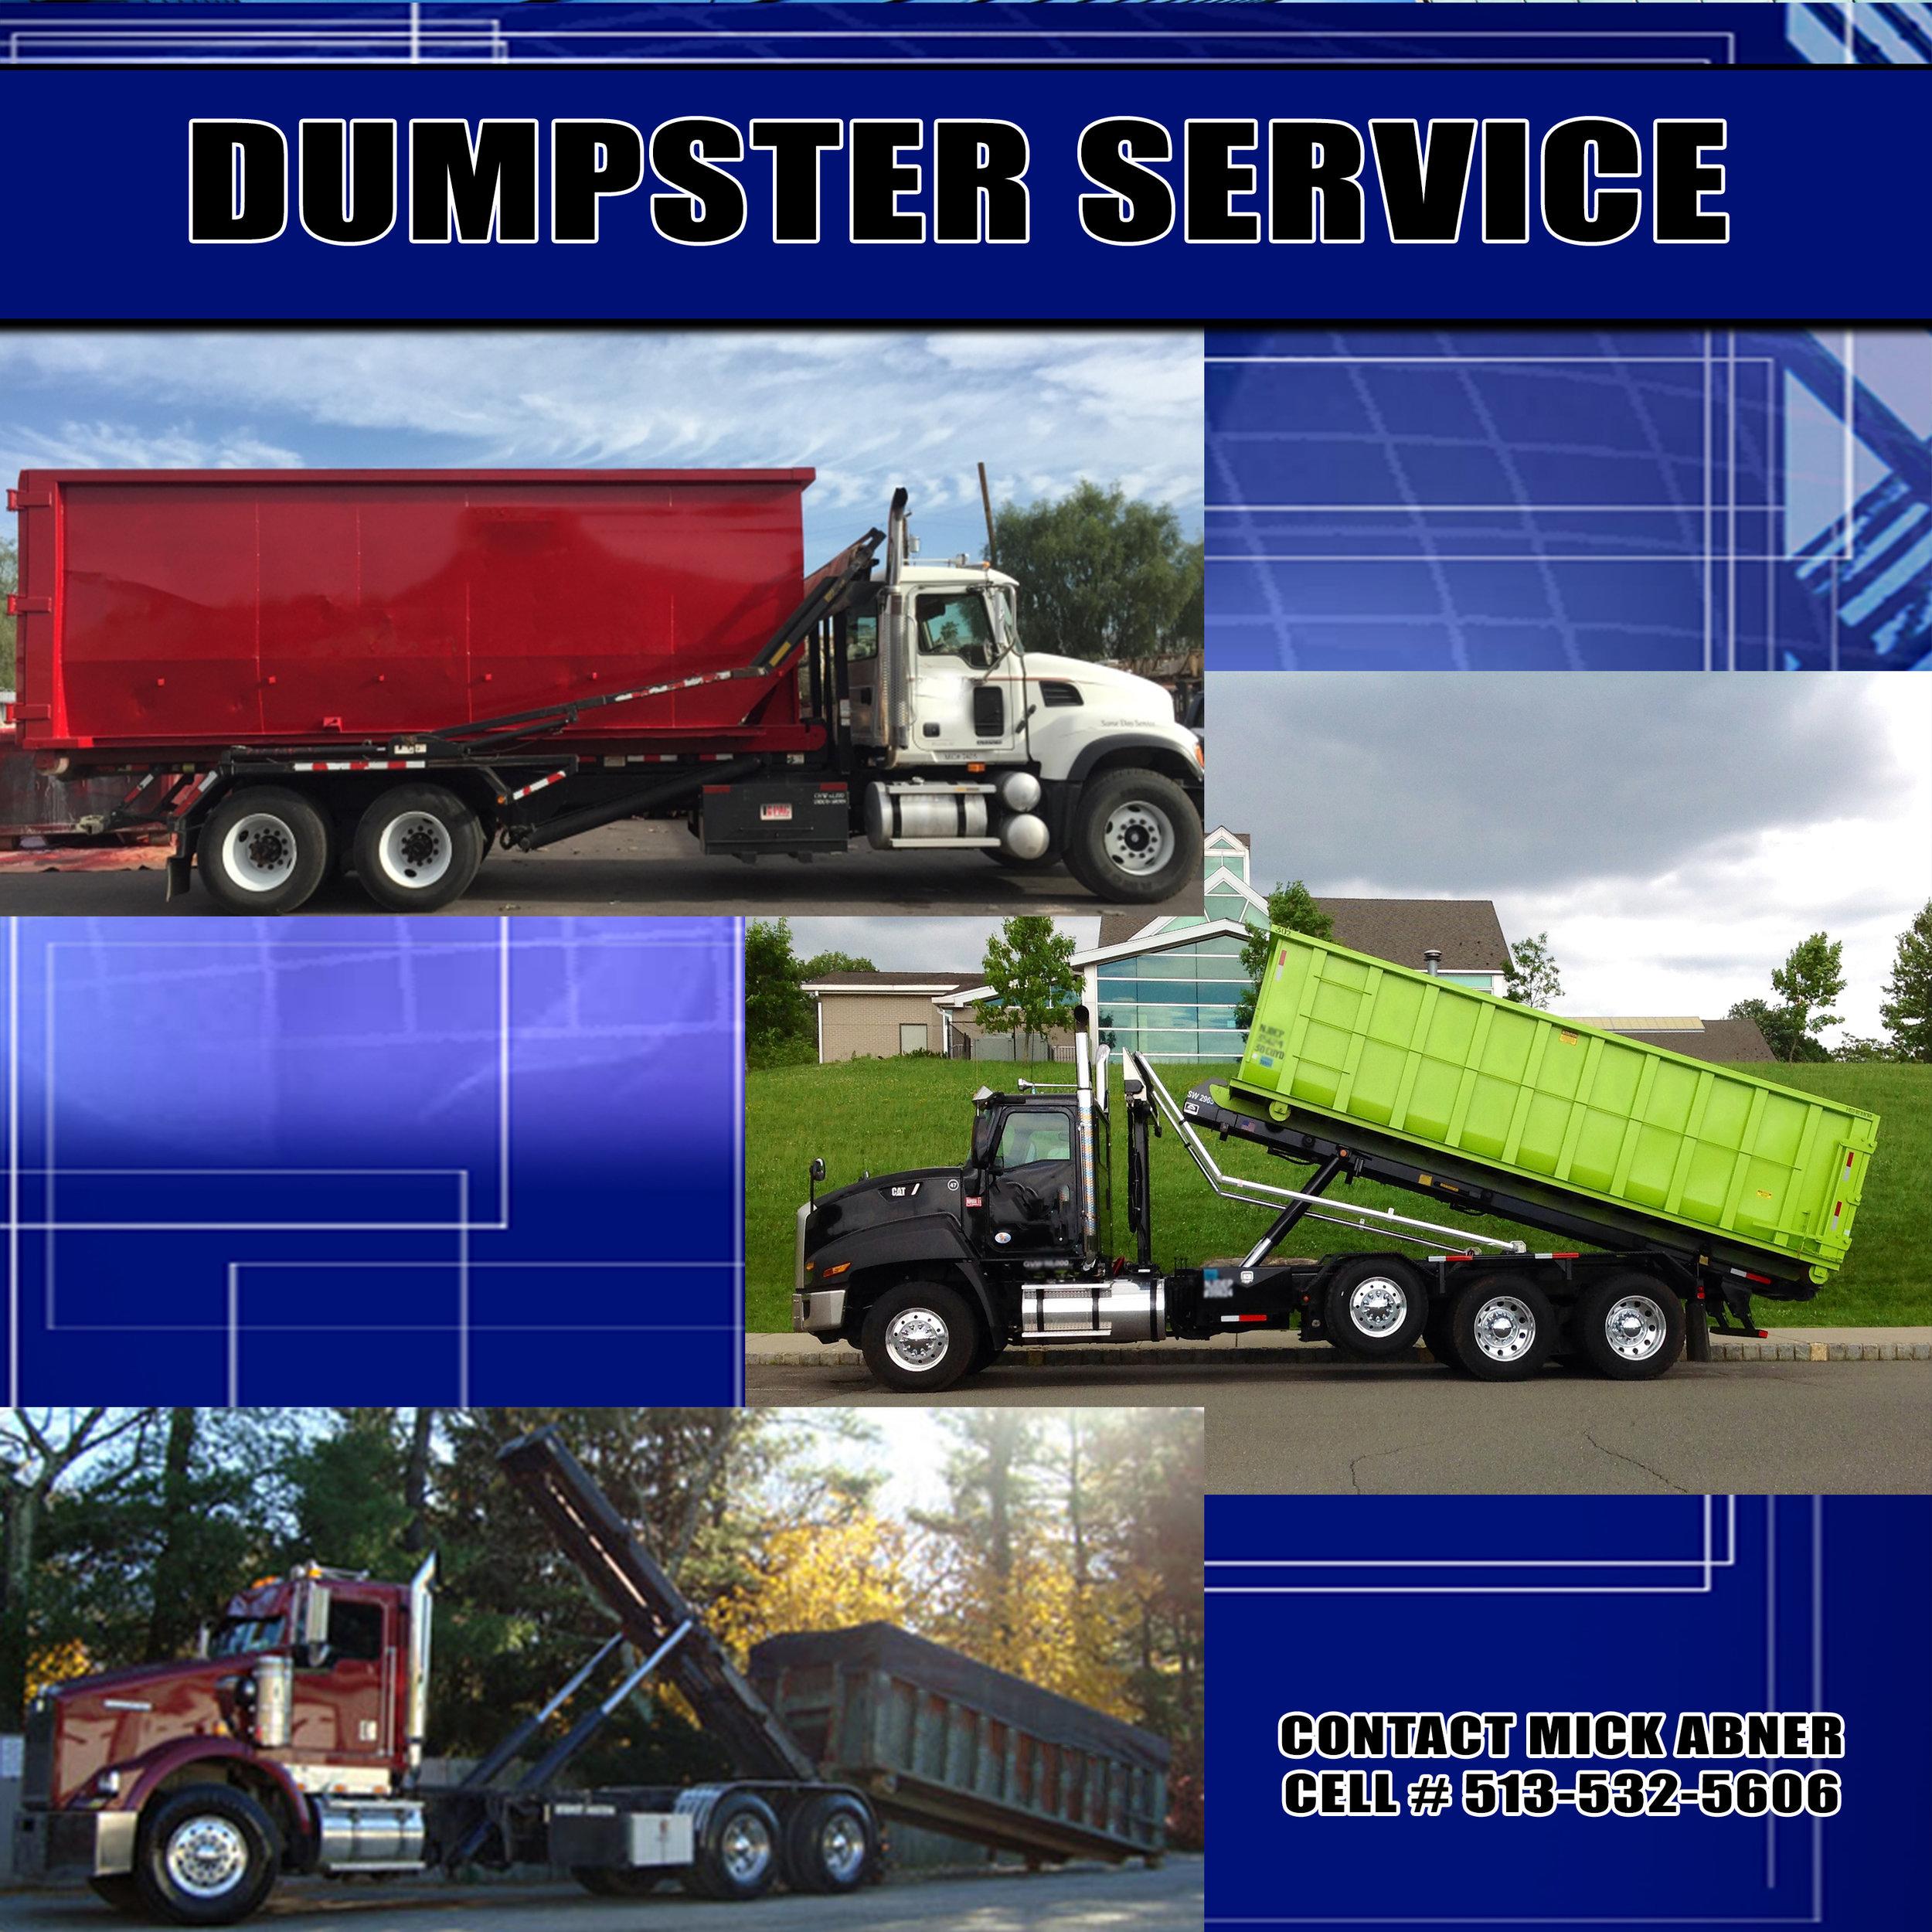 7_DumpsterService.jpg